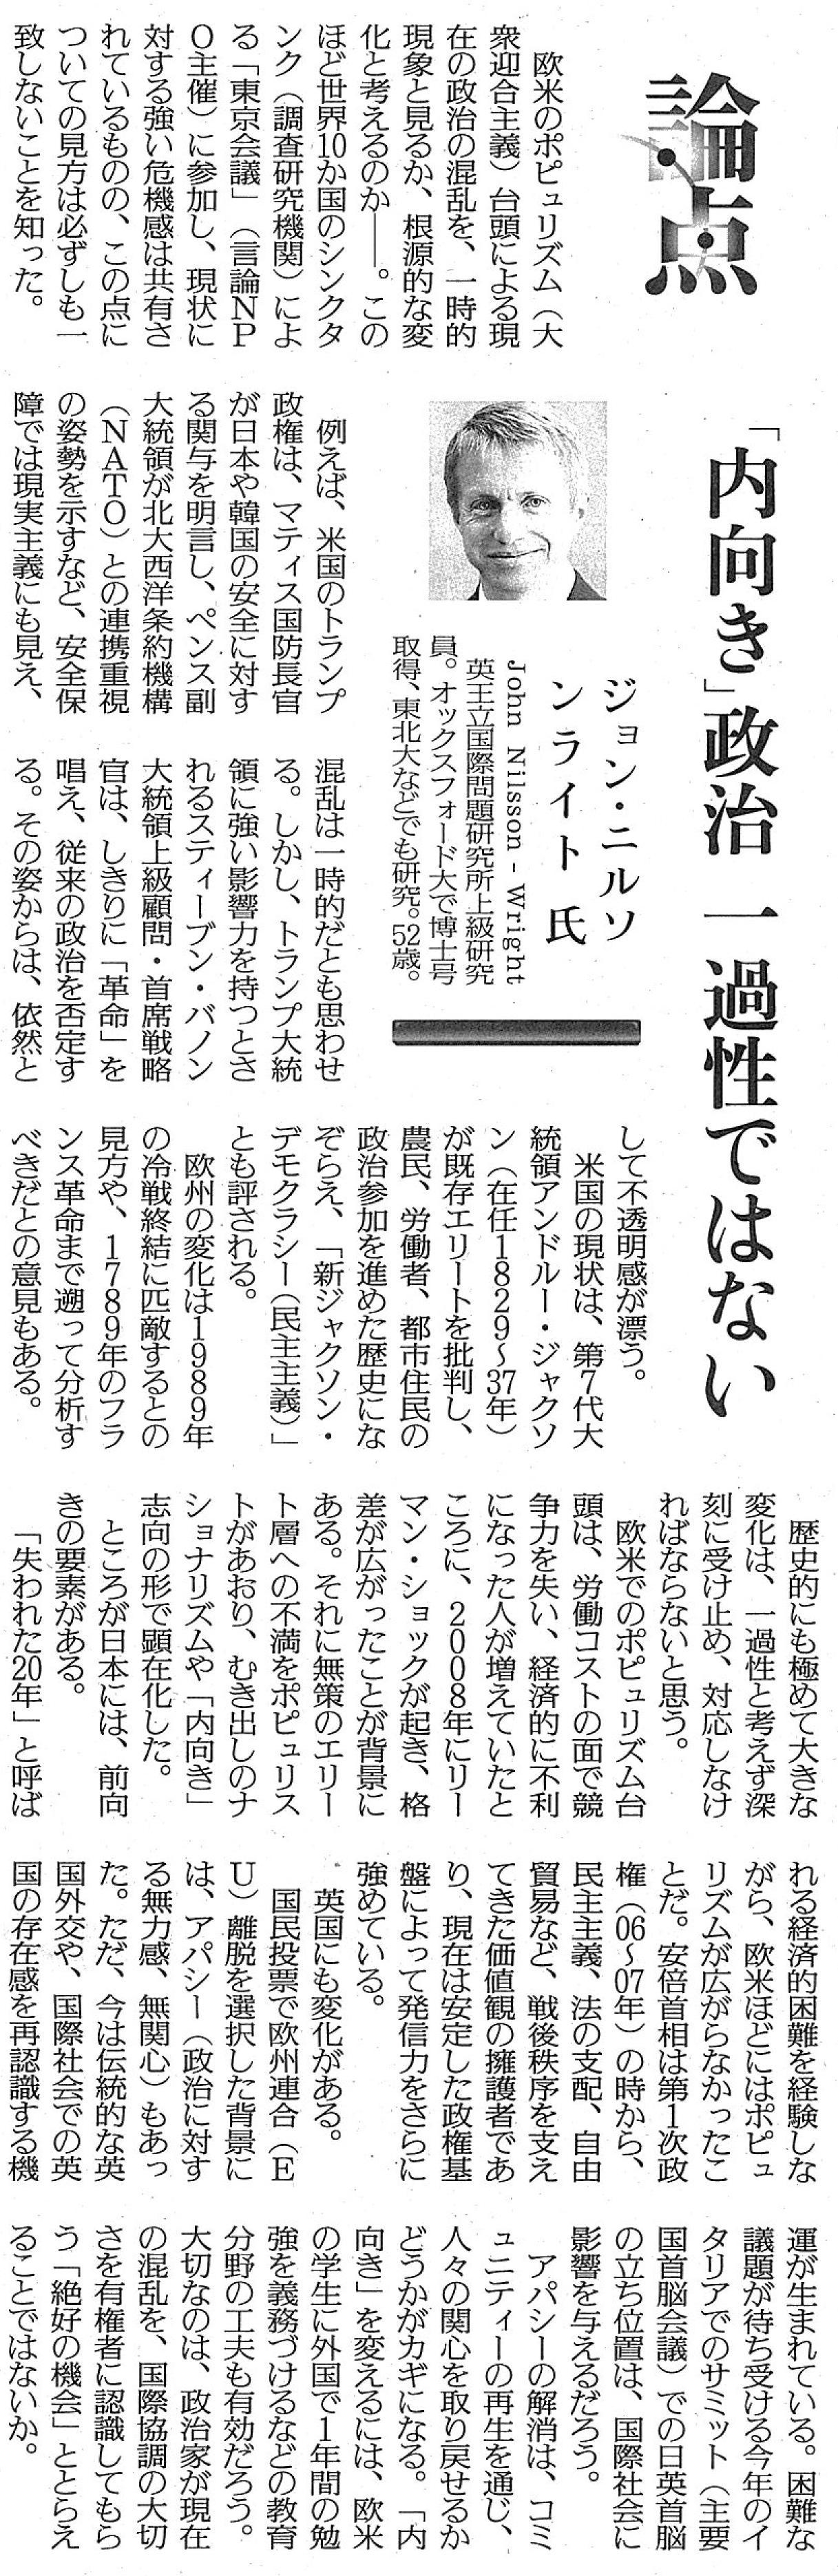 20170321読売朝刊13面.jpg